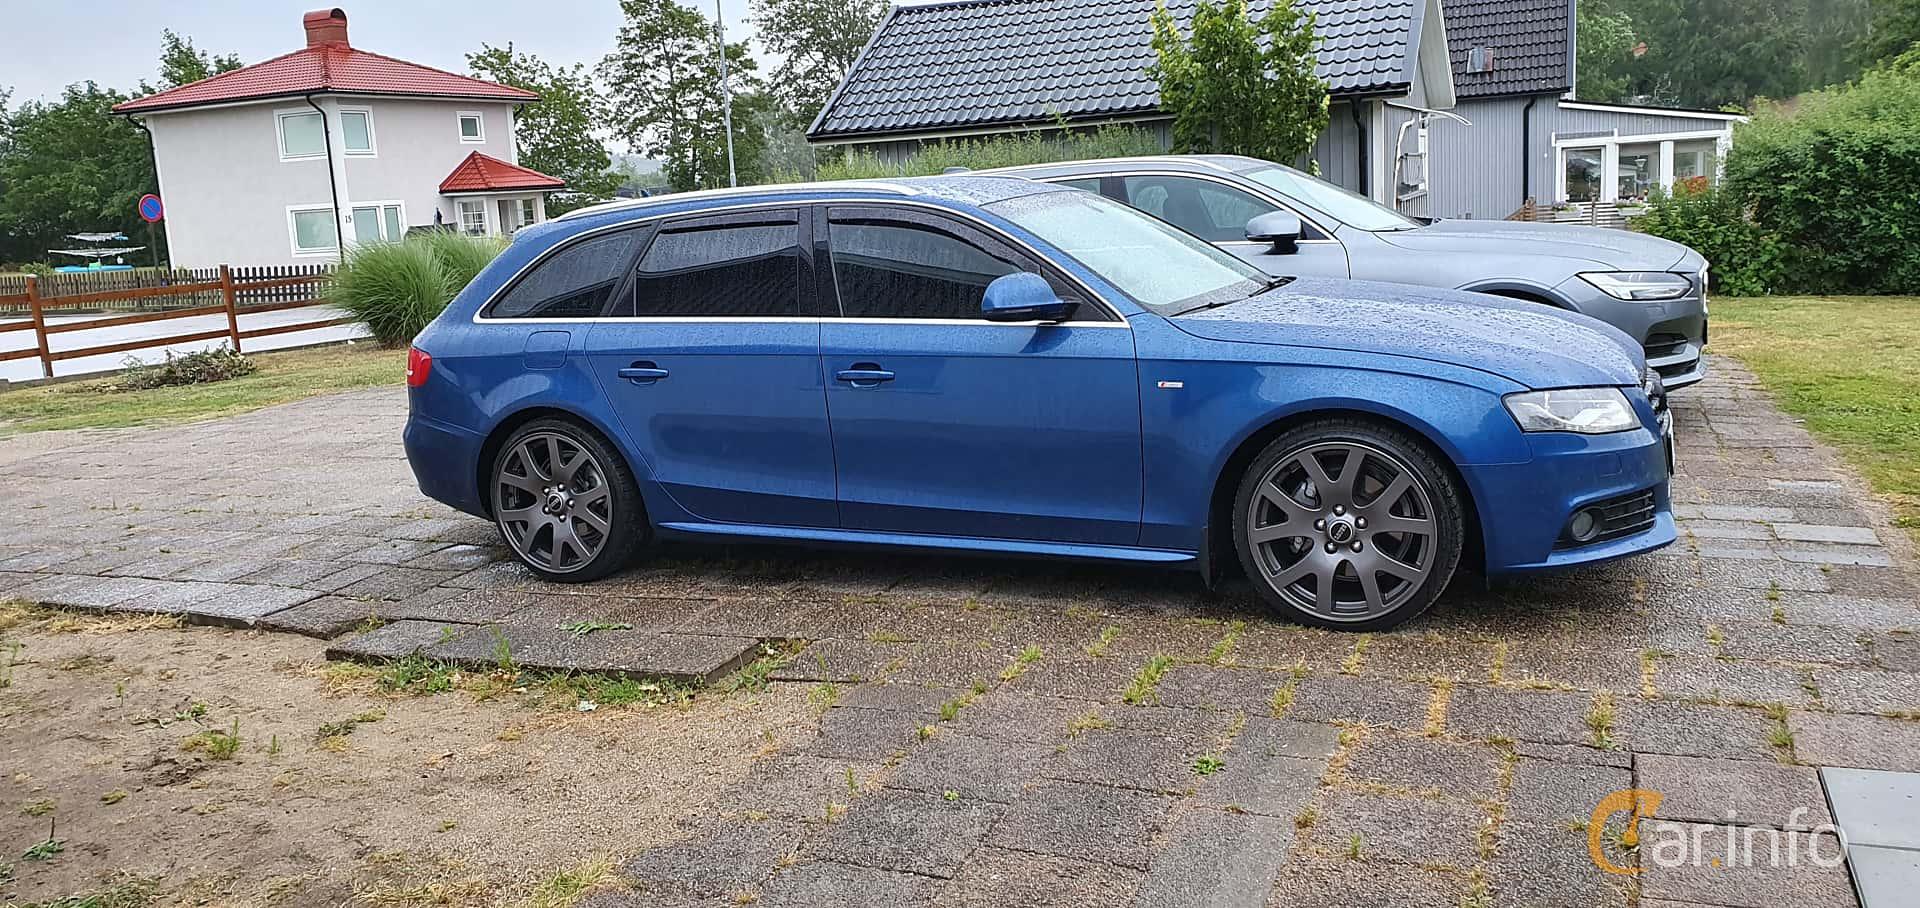 Kelebihan Kekurangan Audi A4 B8 2009 Murah Berkualitas